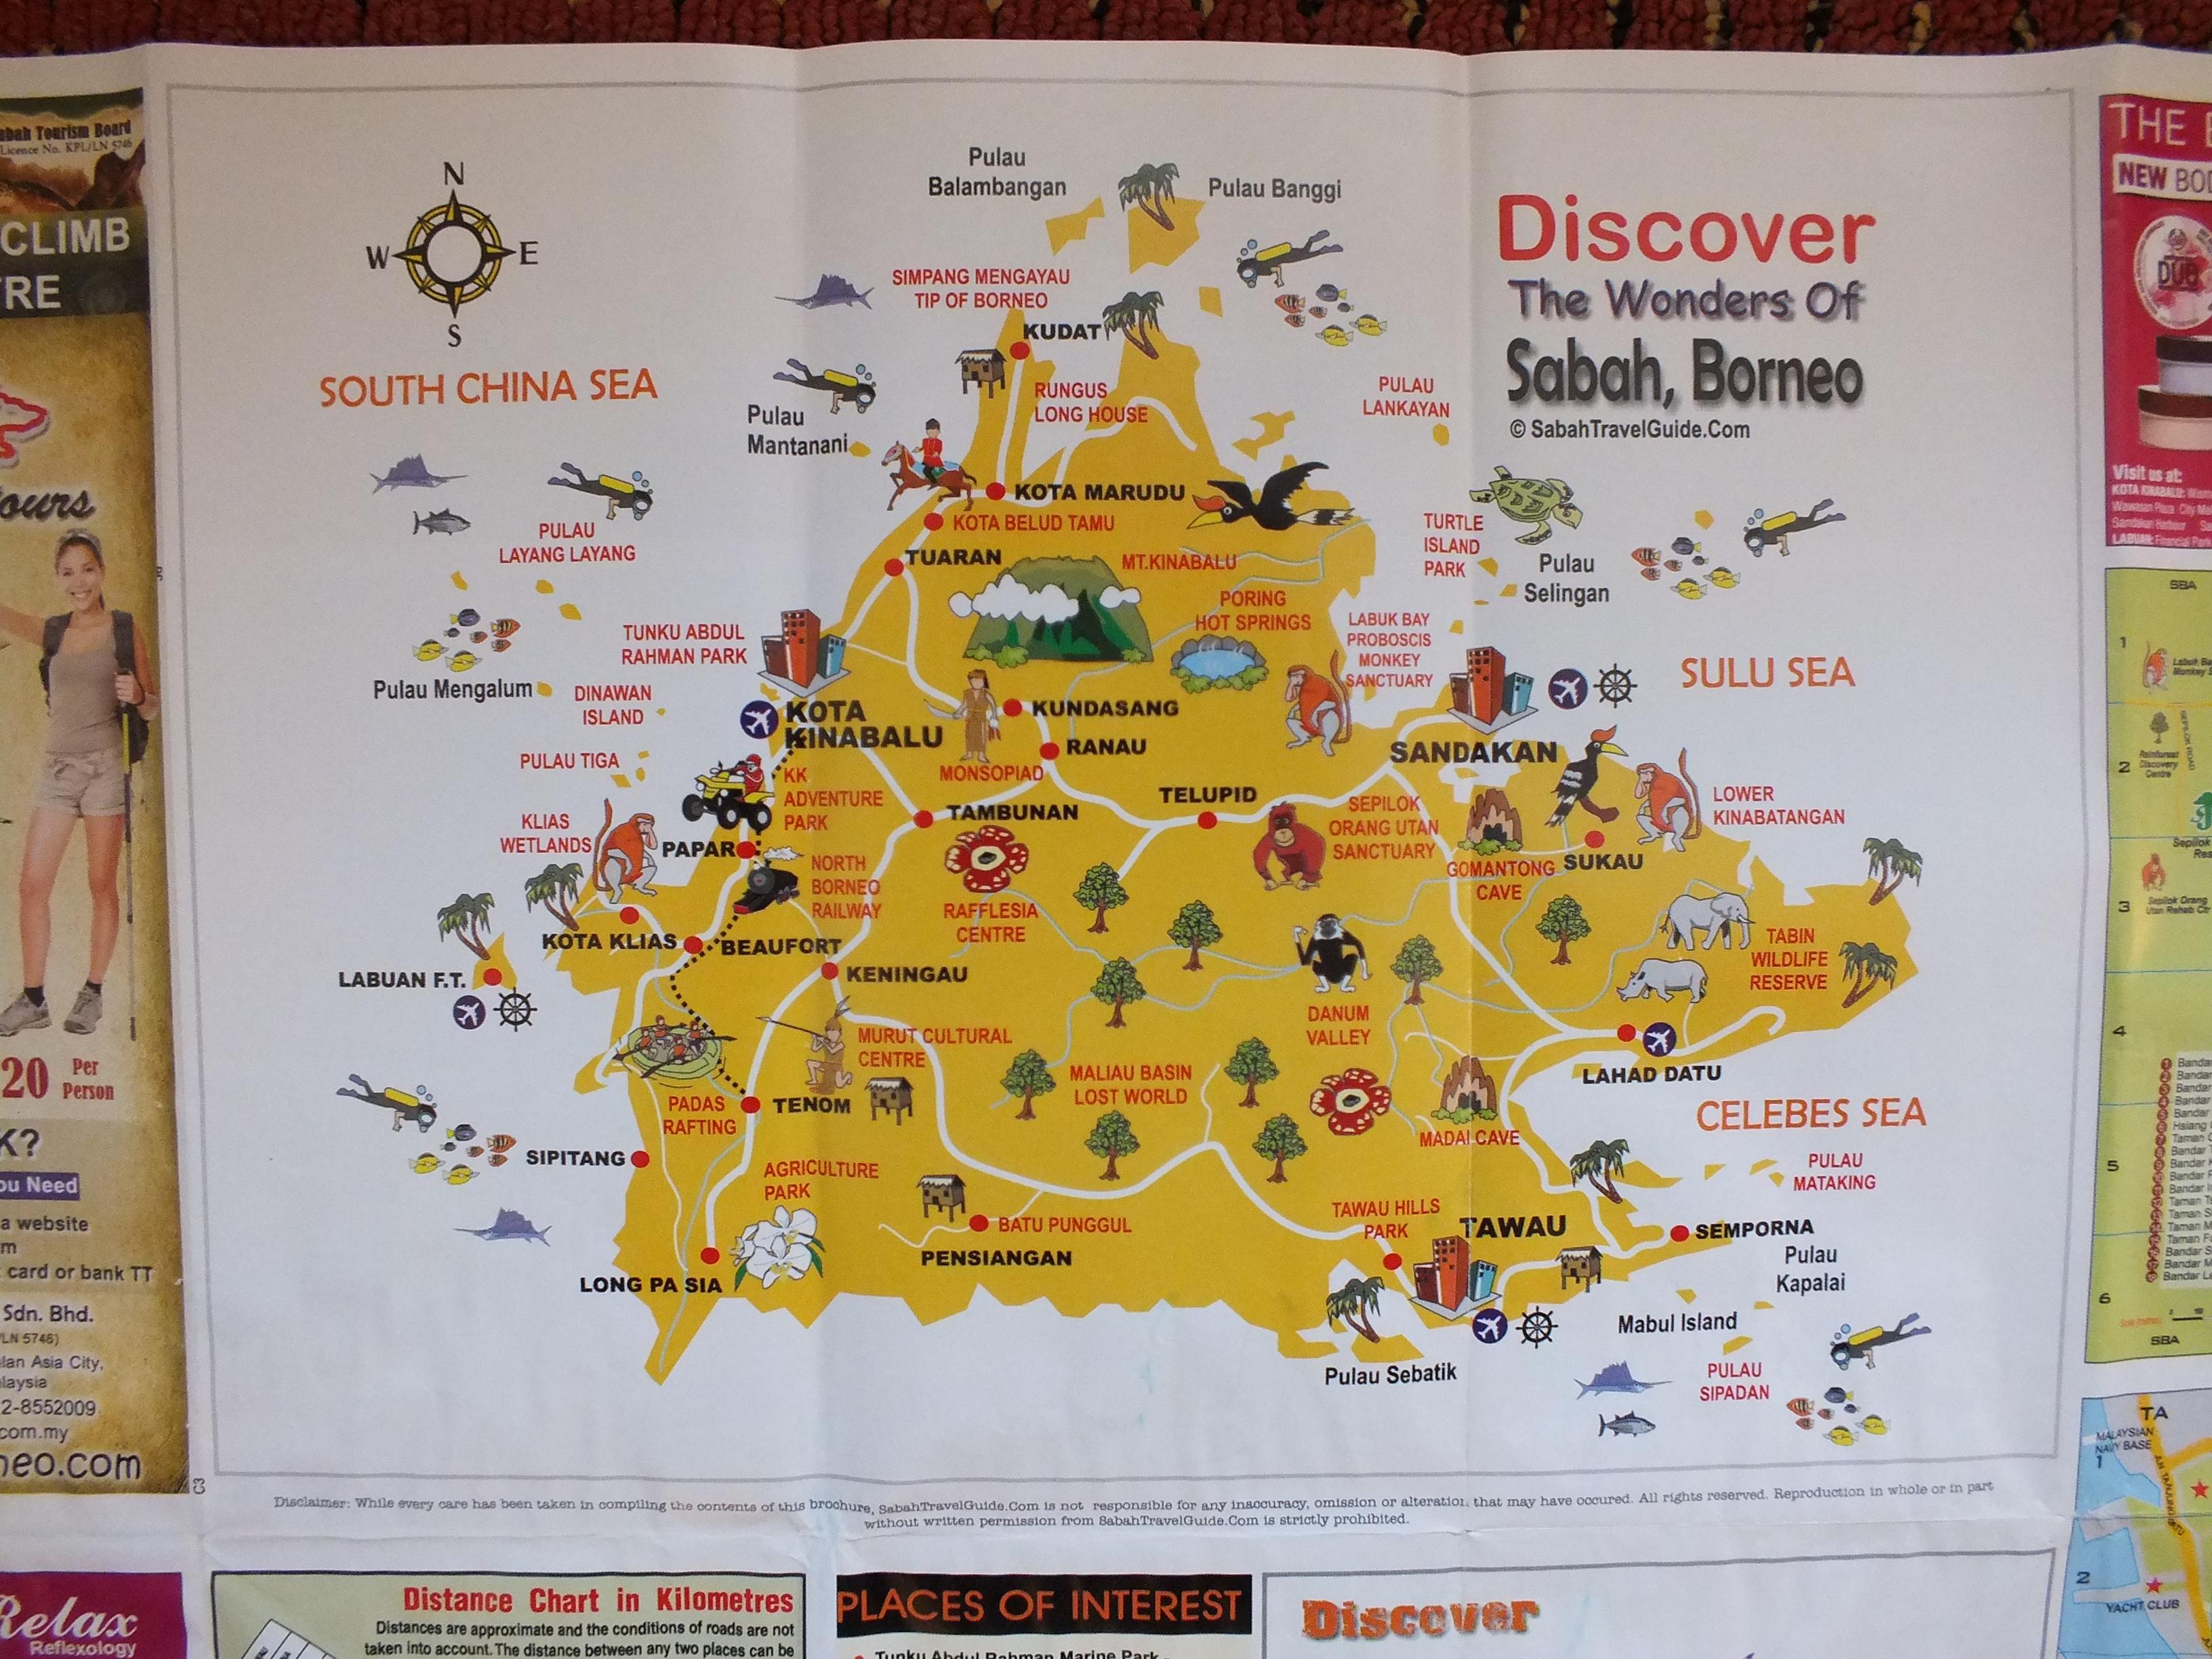 サバ州イラストマップ : 空港、ダイビングスポット、 テングザルのいる場所など